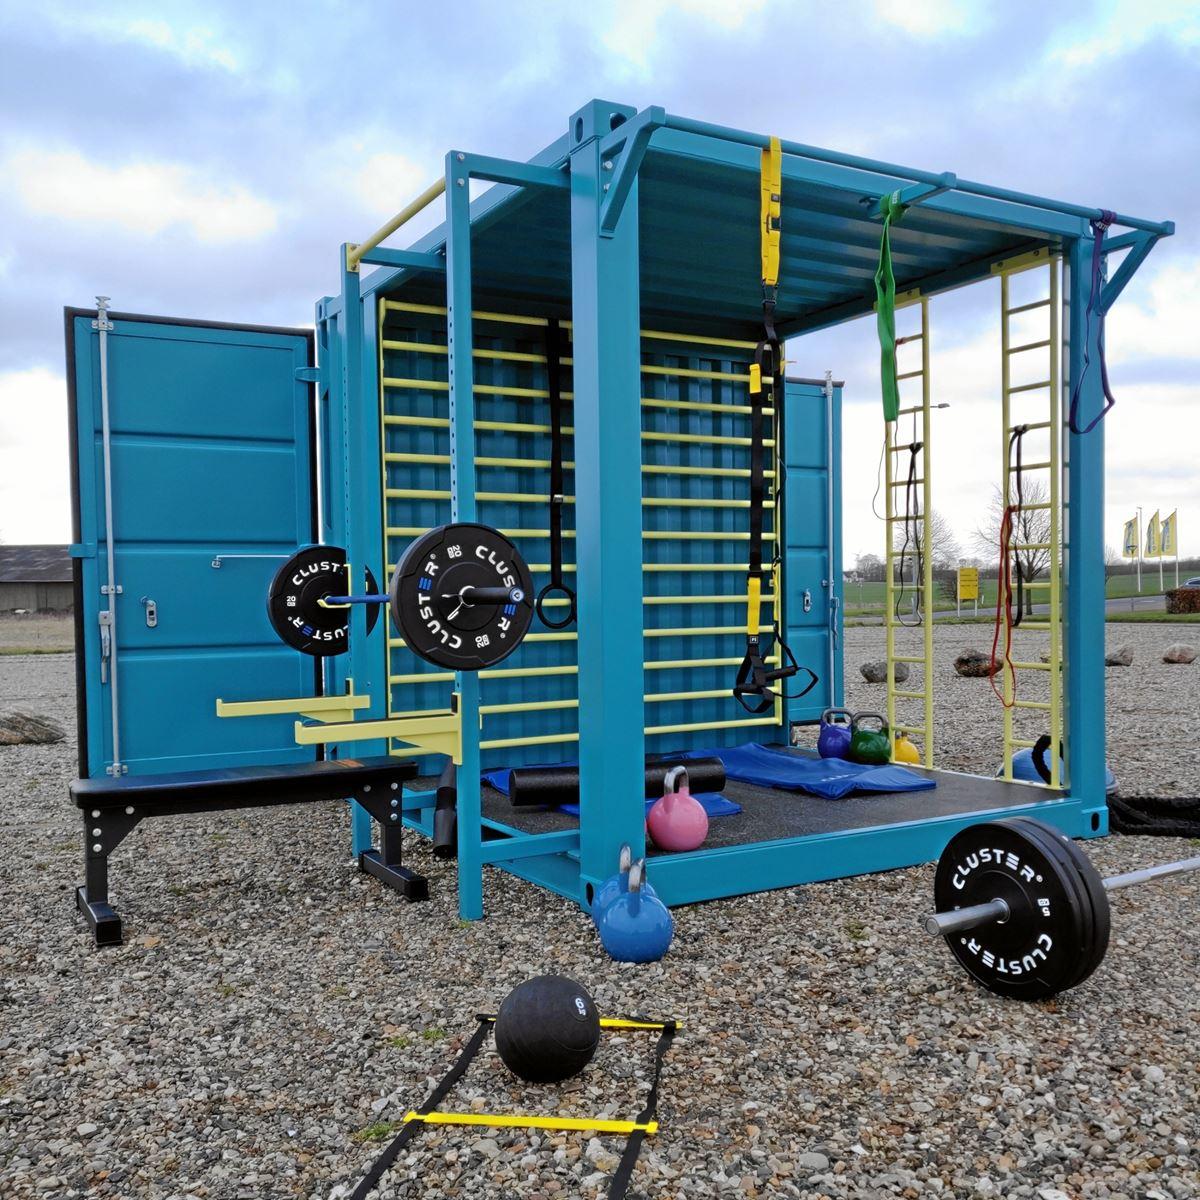 Containere, indrettet med træningsudstyr, skal gøre det lettere for bl.a. udstationerede soldater at træne i krigszonen, håber fysioterapeut fra Aars og hans to kompagnoner